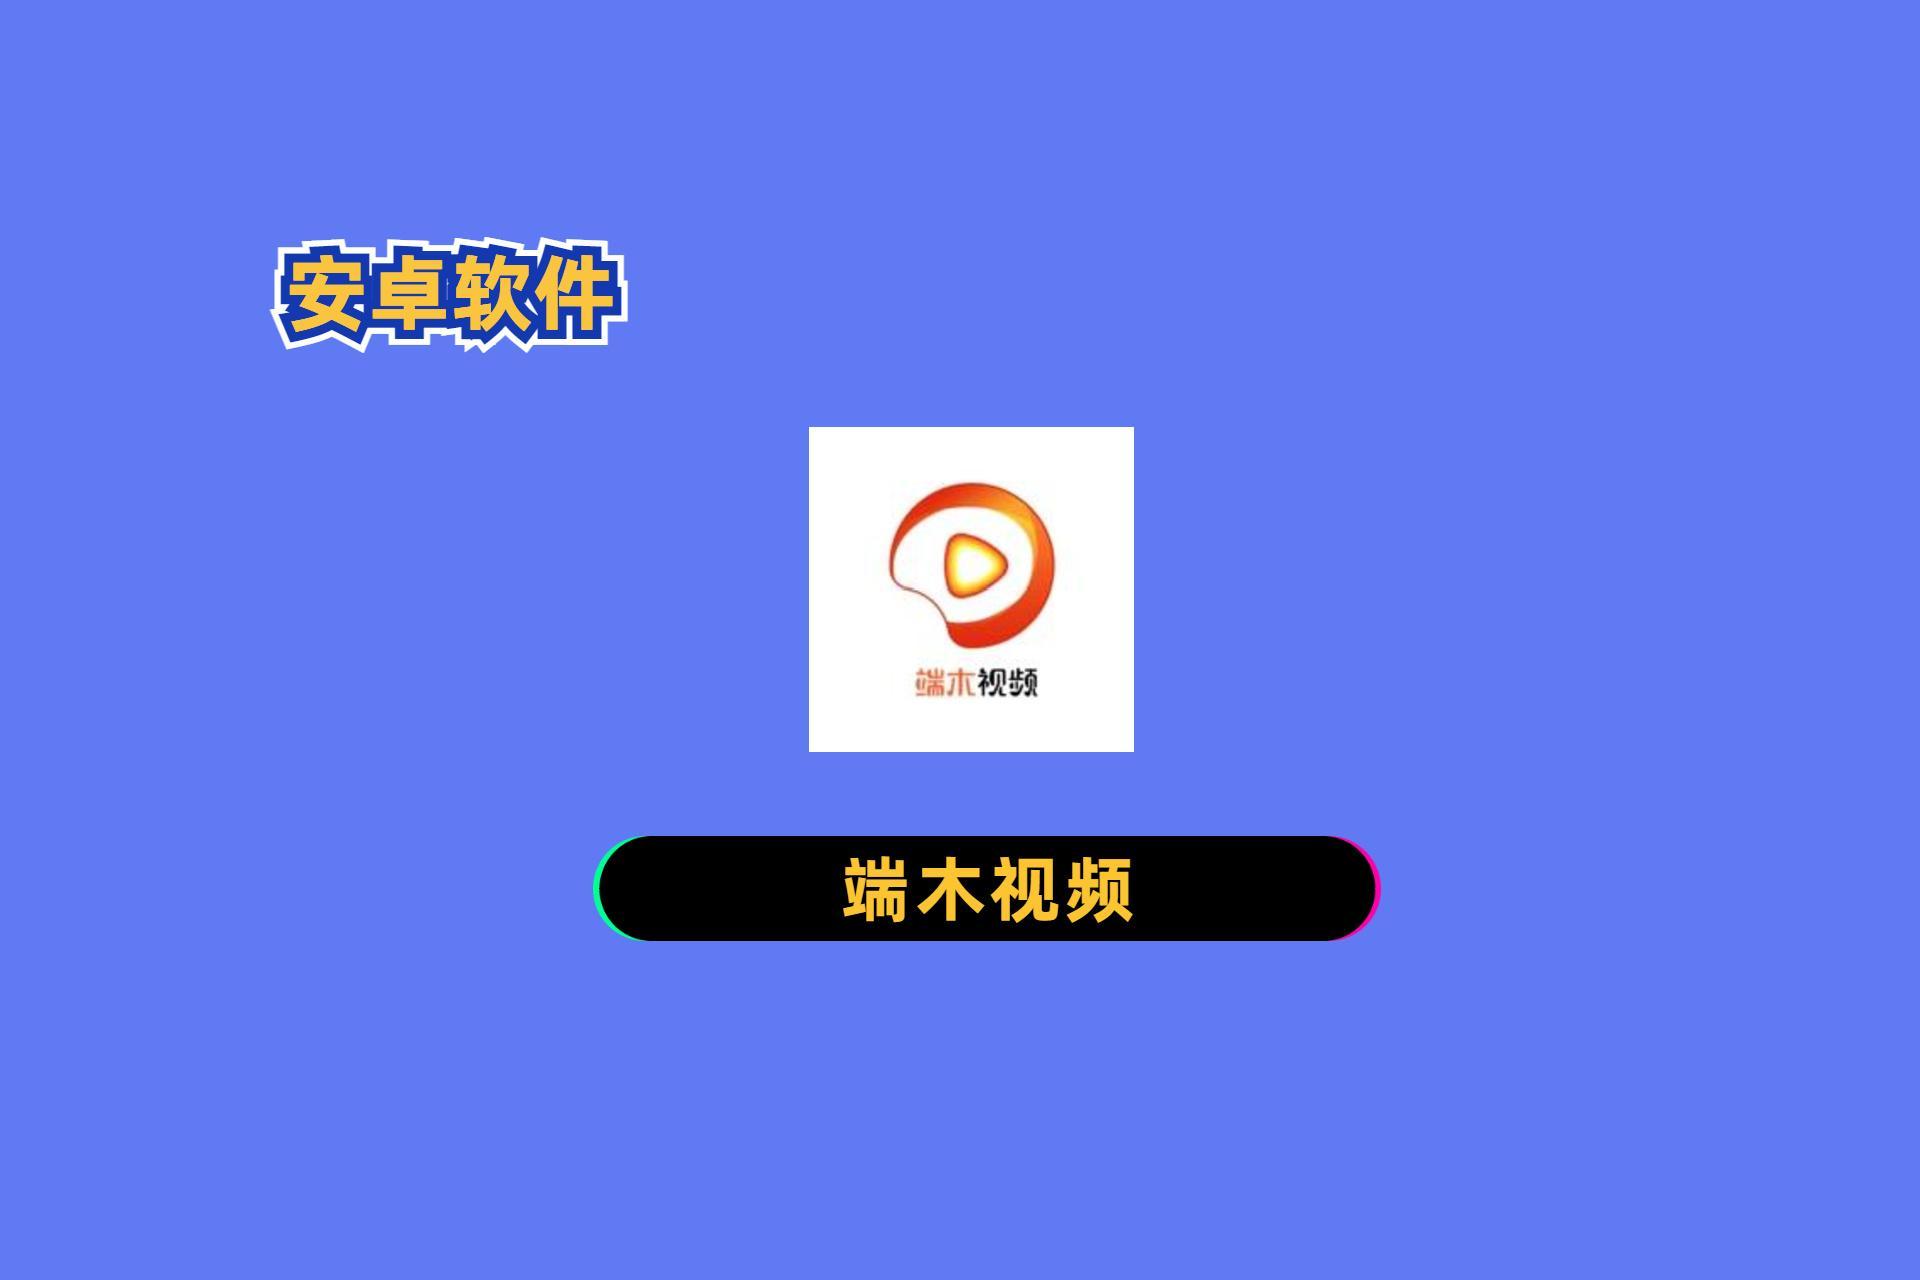 老司机特殊的视频软件:端木视频